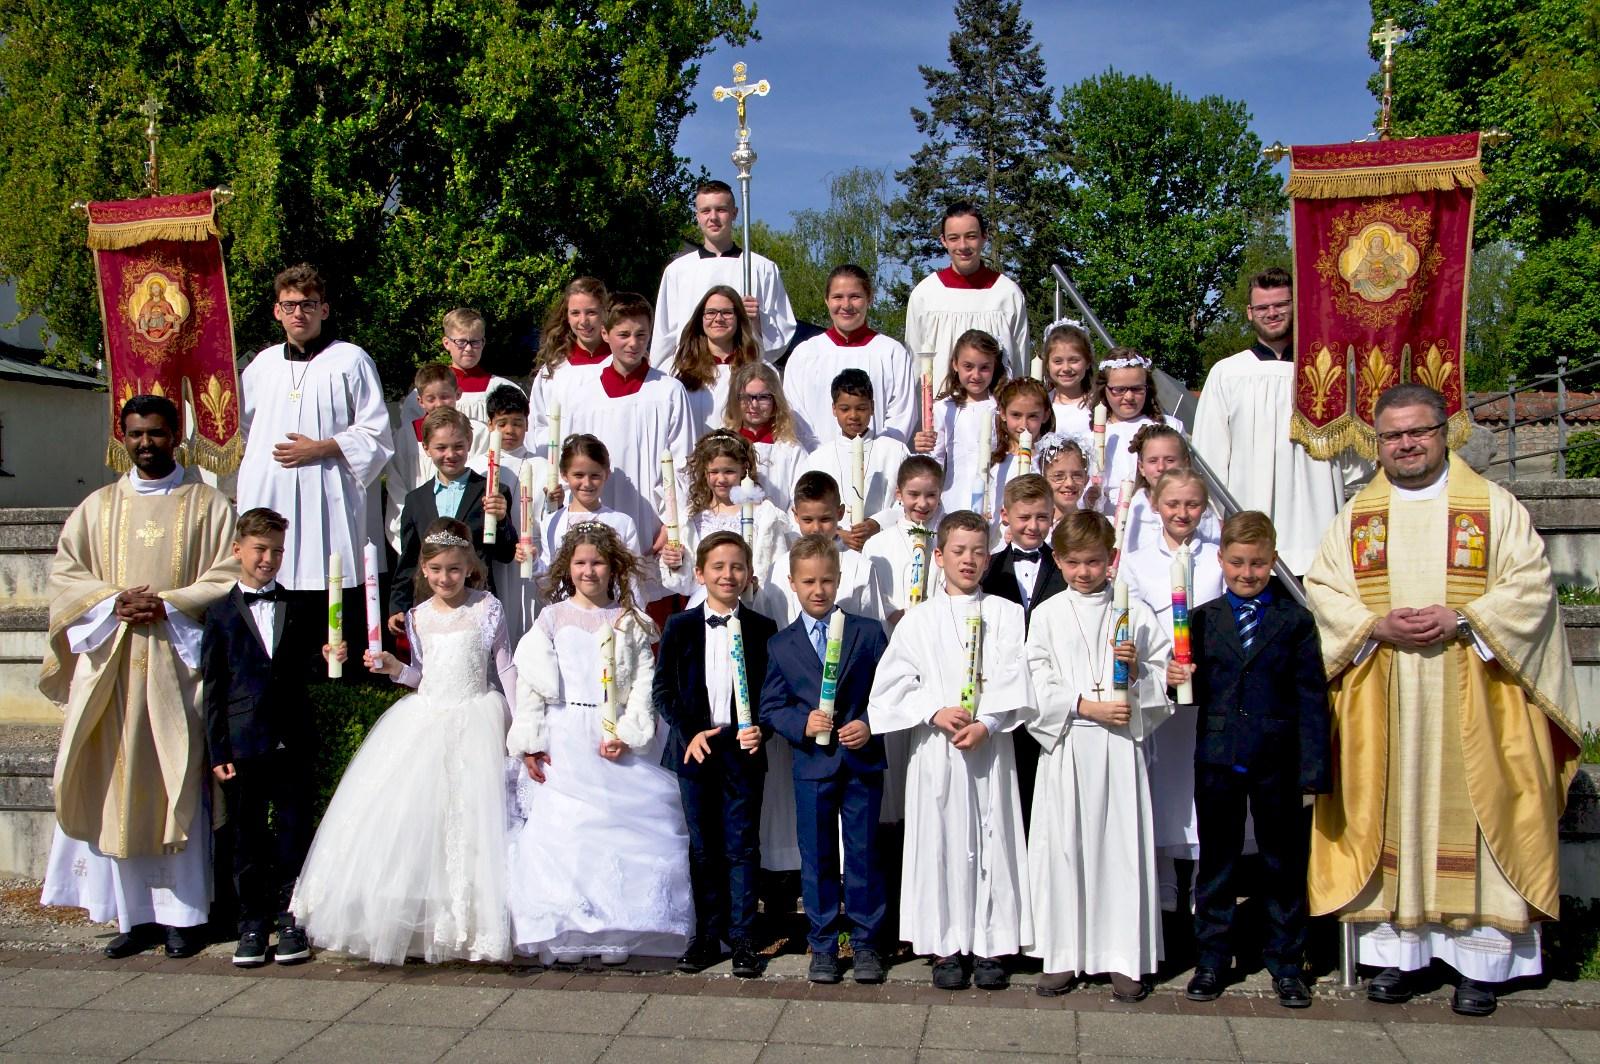 Erstkommunion I in St. Jakobus